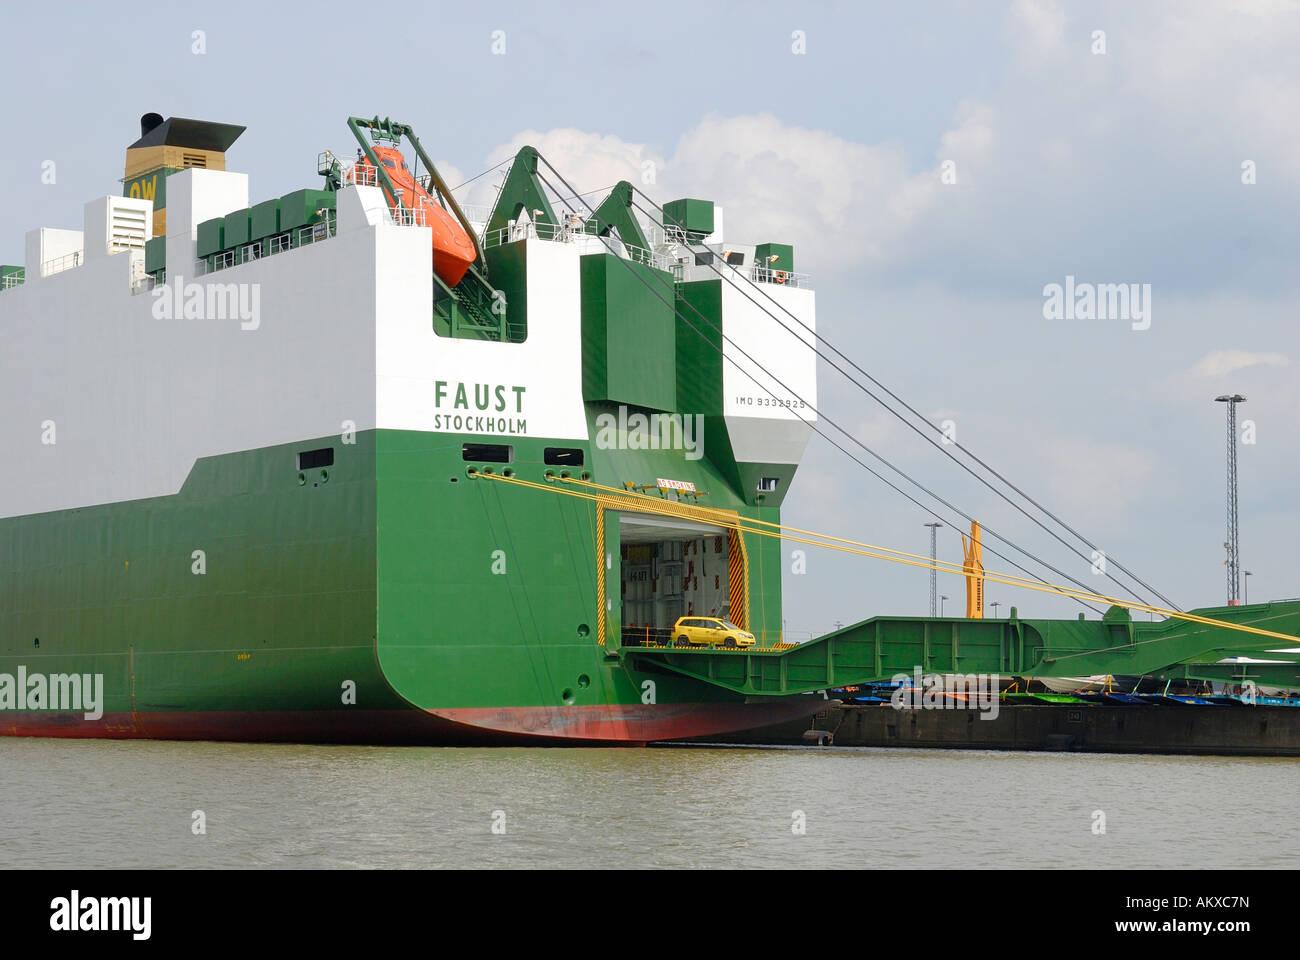 Car Carrier Ships Stock Photos & Car Carrier Ships Stock